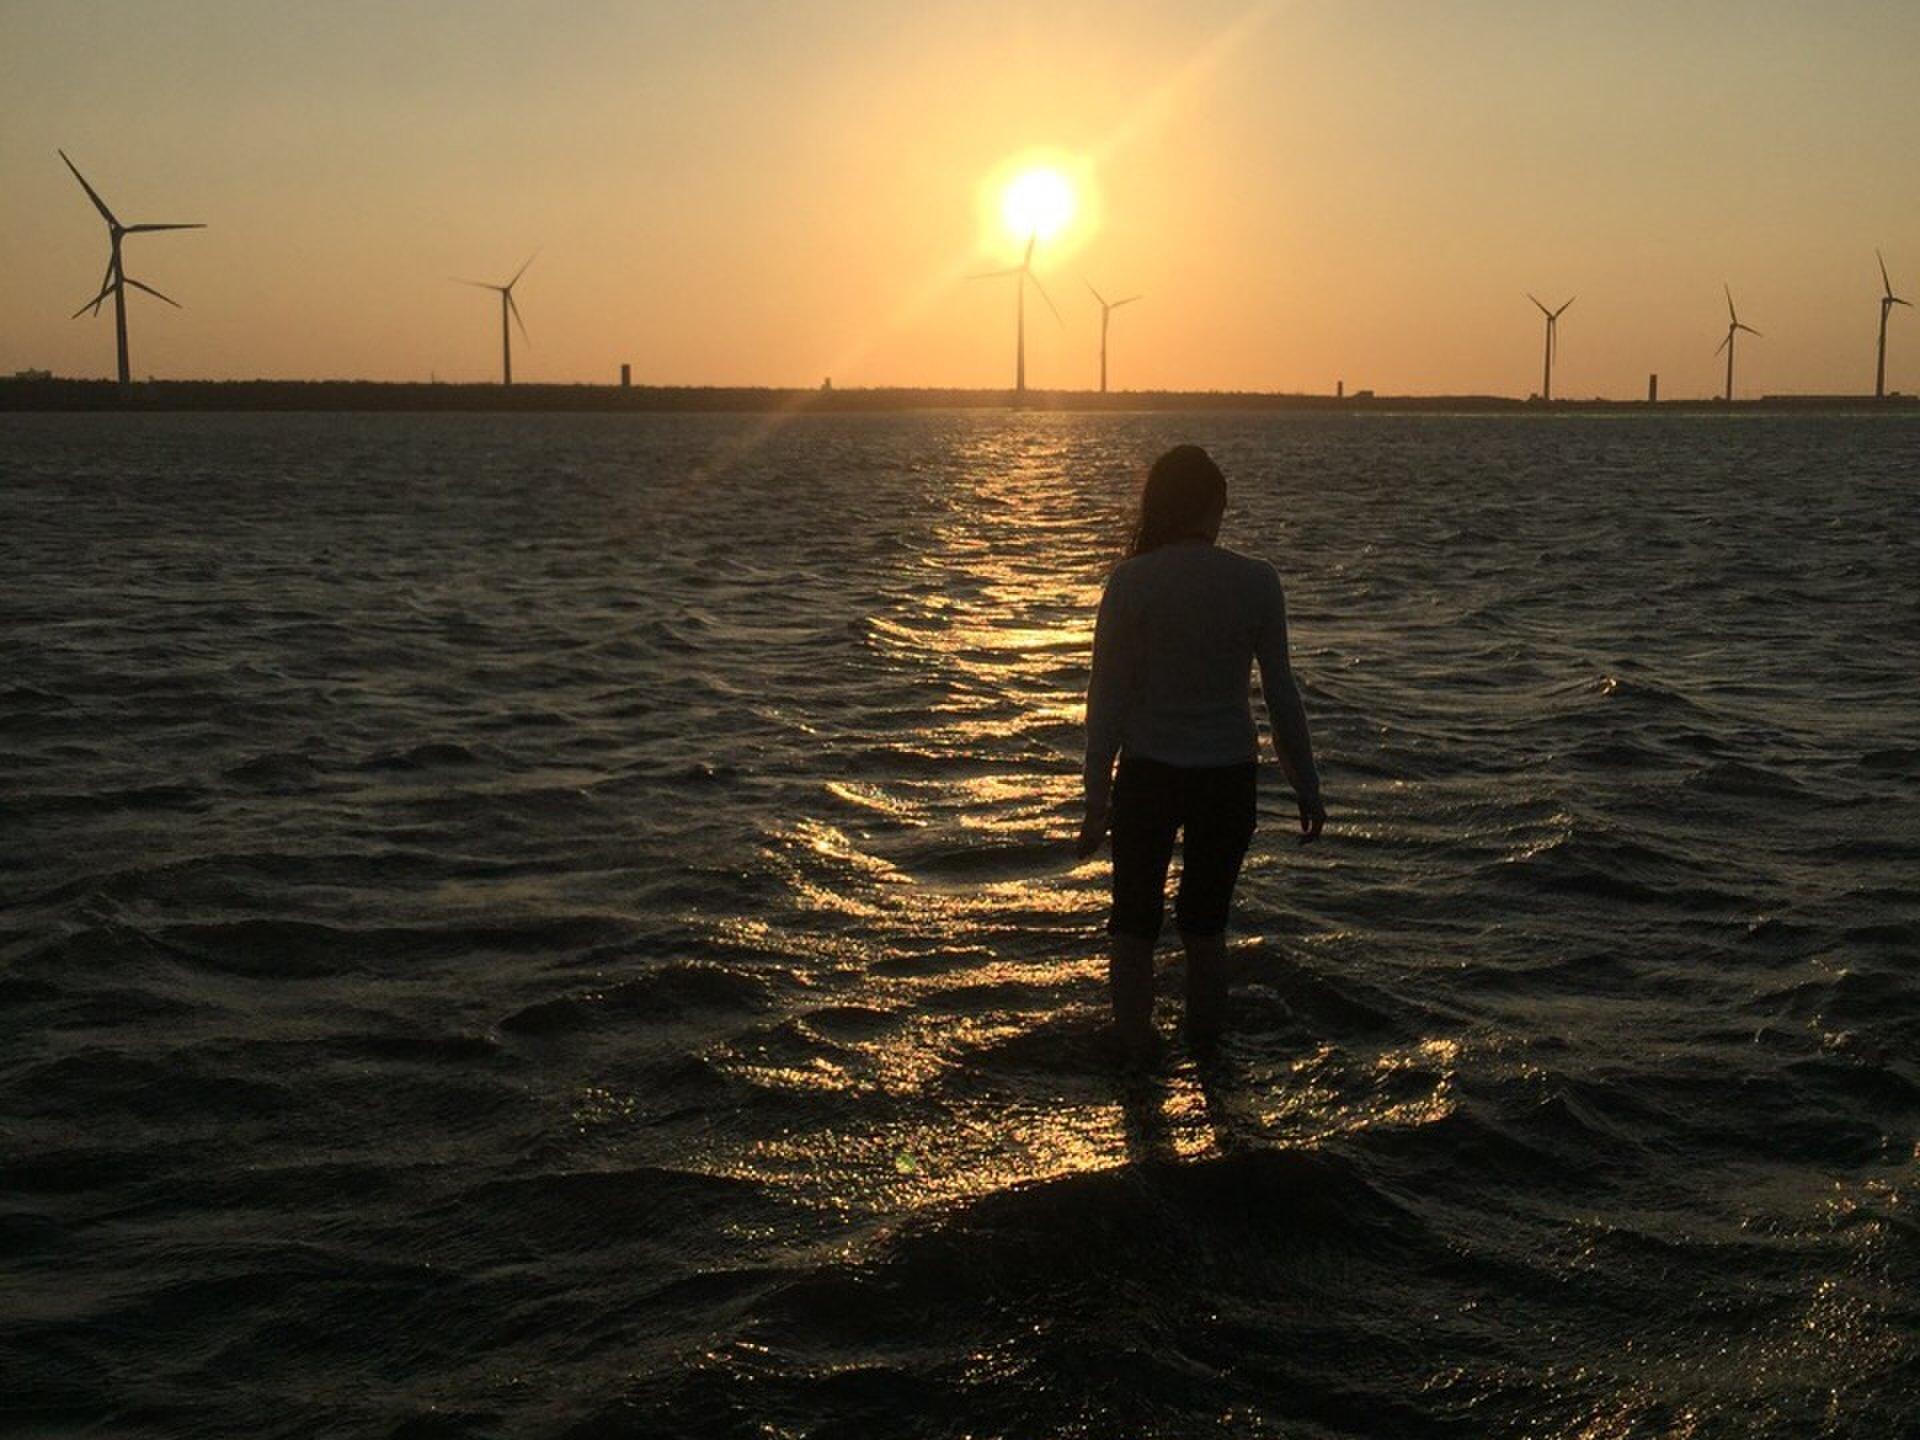 【死ぬまでに行きたい】台湾で1番おすすめ!台中・高美湿地の夕日が絶景すぎる!〜アジアのウユニ塩湖〜